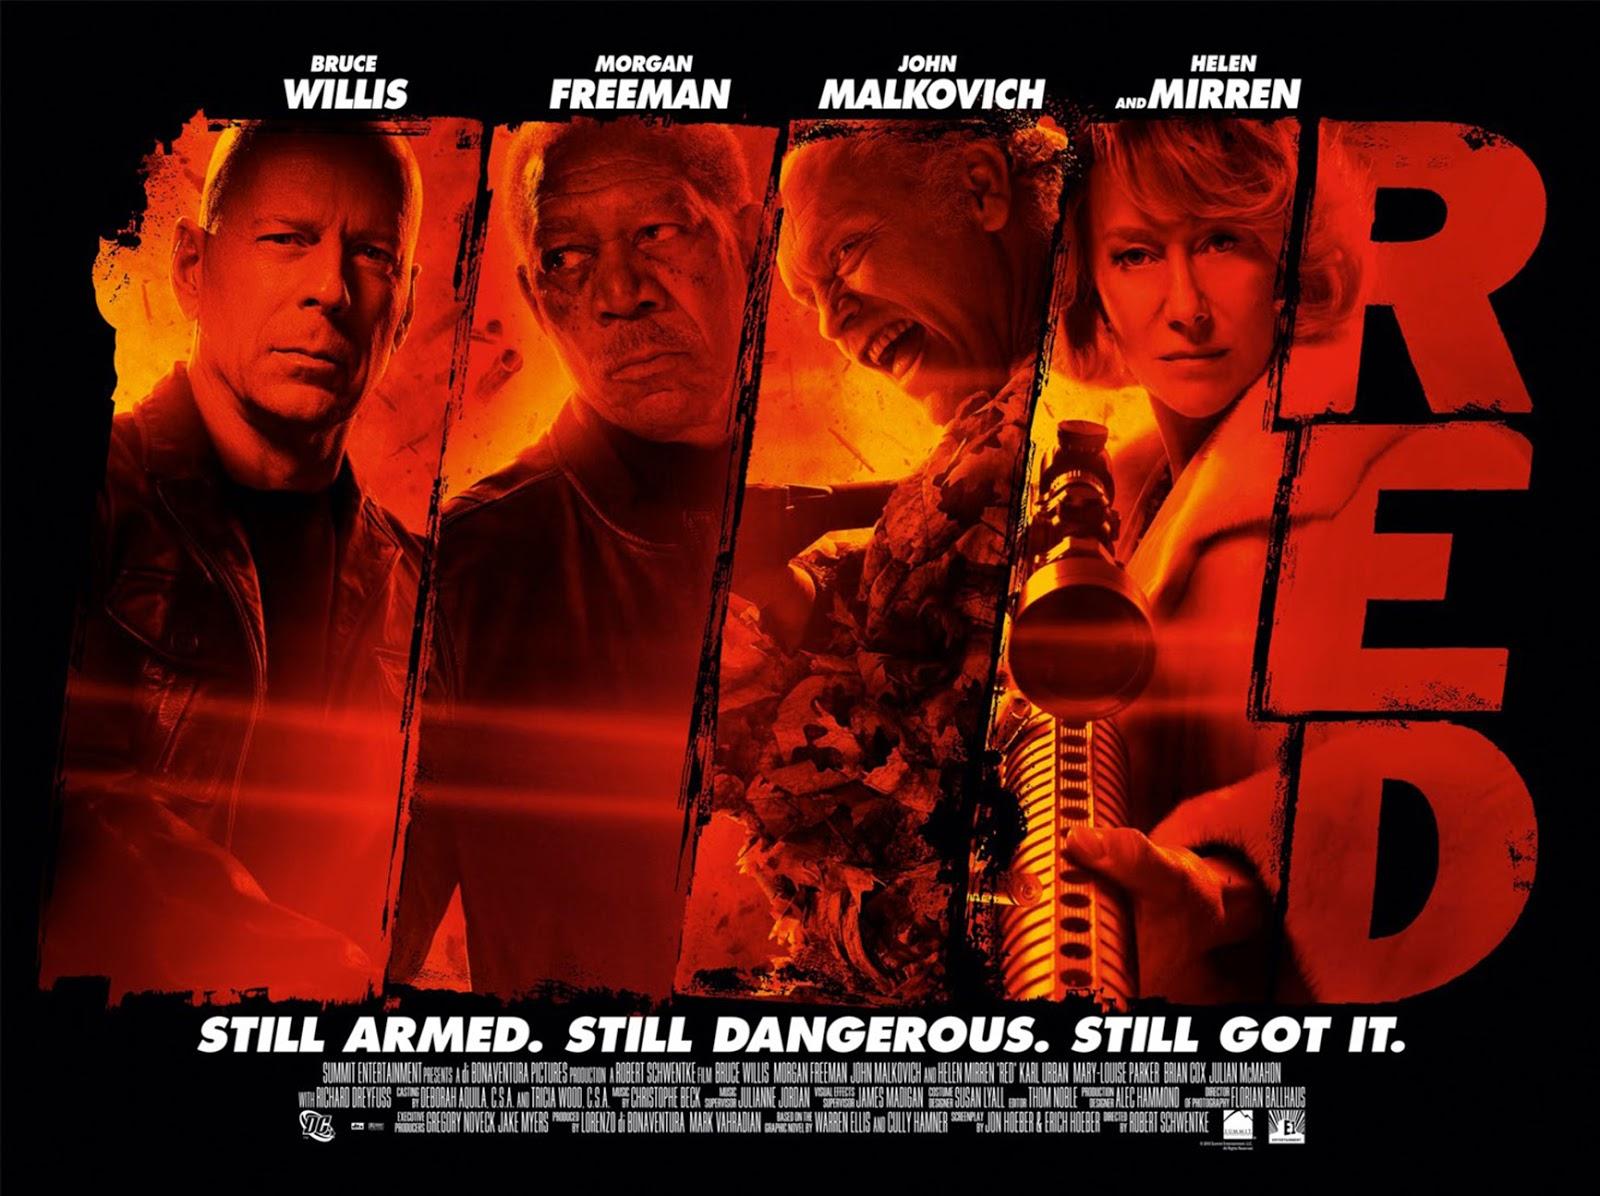 ✭ Películas que vamos viendo ✭  - Página 8 Red-movie